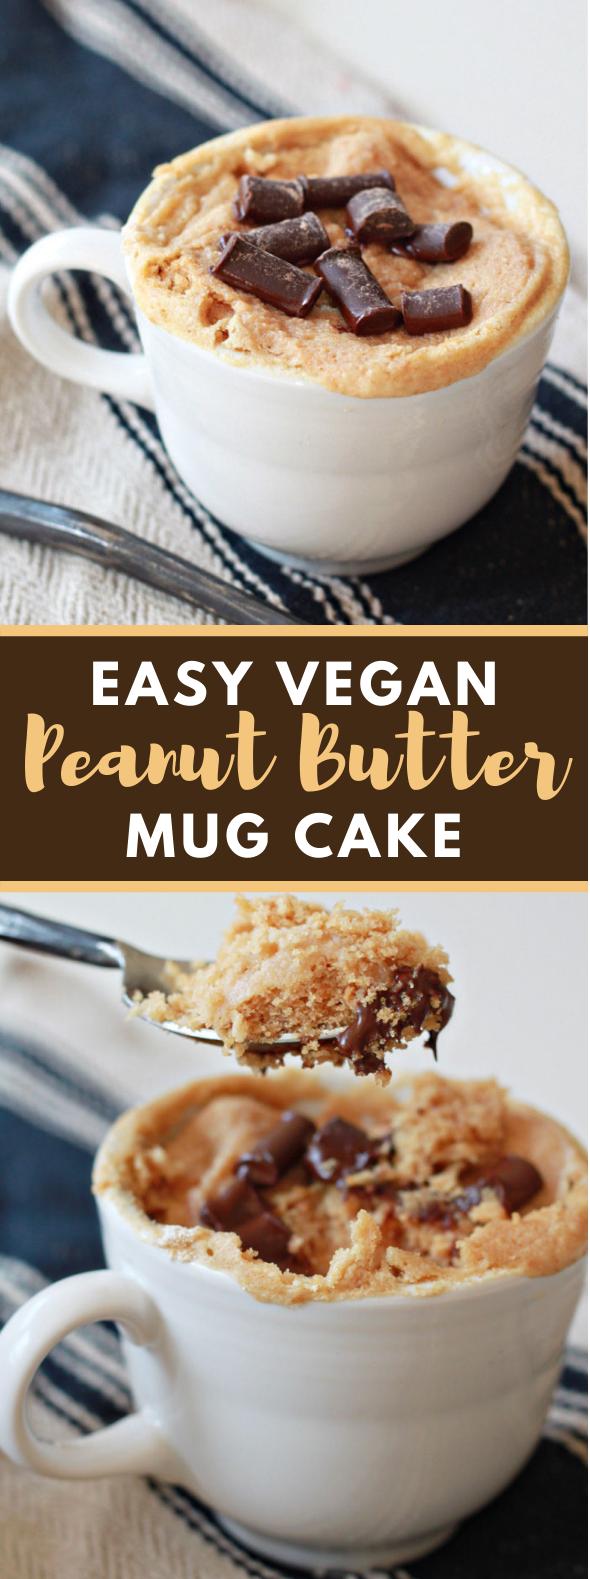 EASY VEGAN PEANUT BUTTER MUG CAKE #vegetarian #dessert